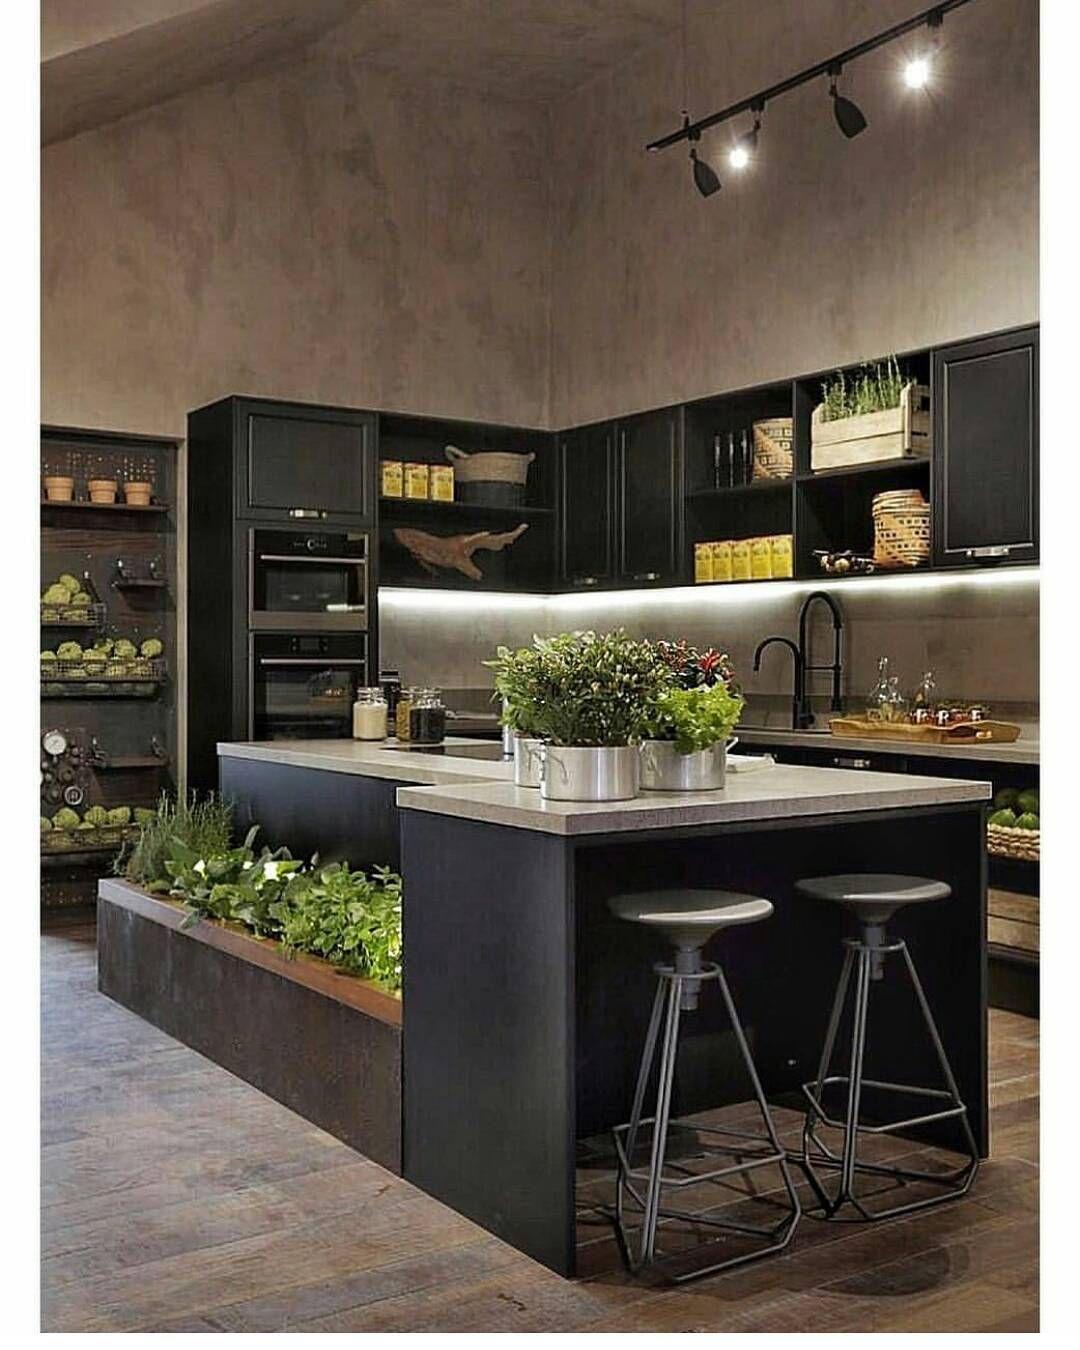 Offene Moderne Küche: Pin De Verónica Villanueva En Cocina